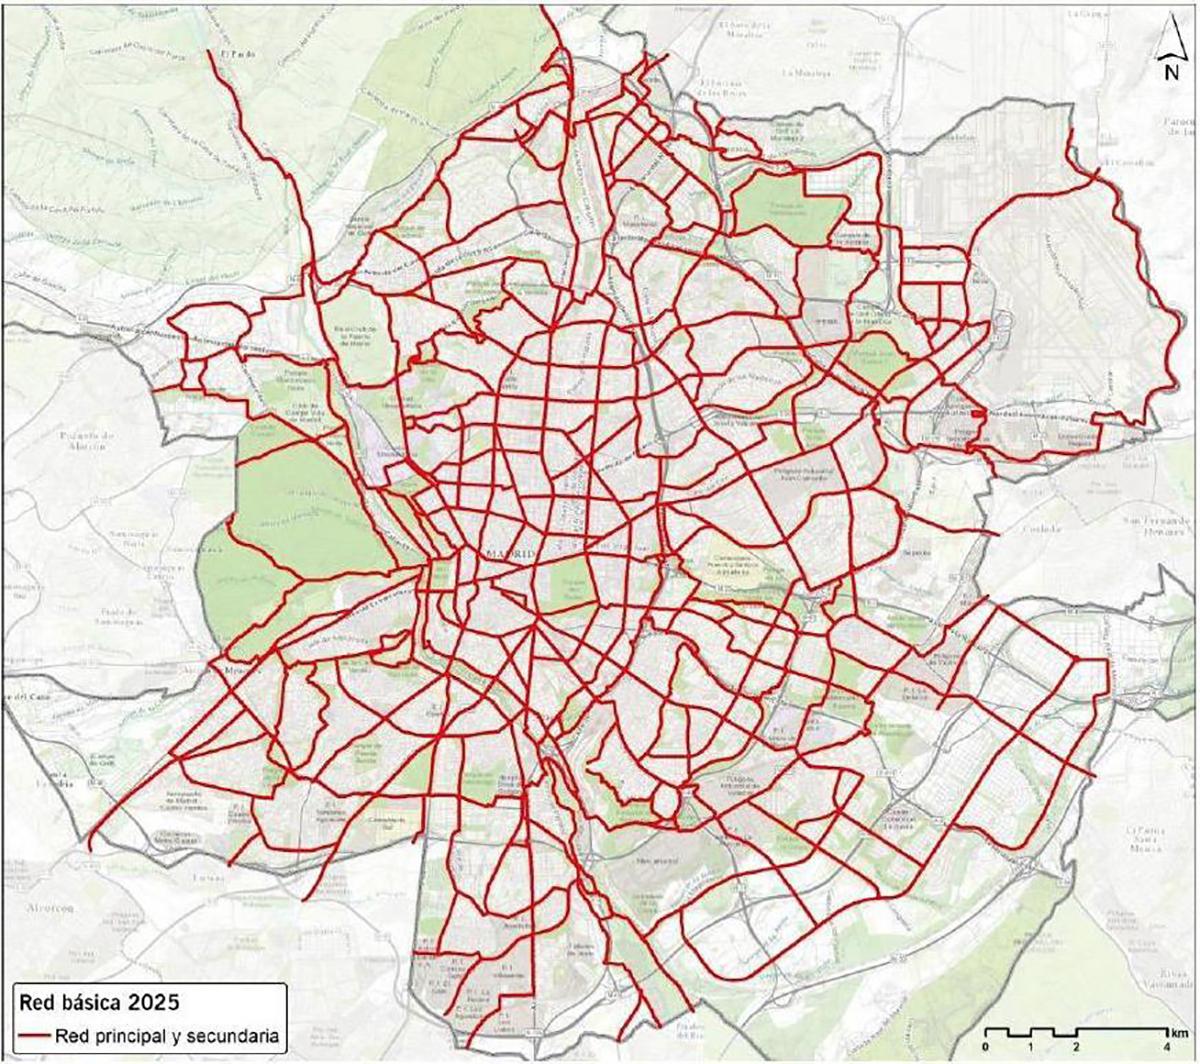 Diversas asociaciones celebran el anuncio del Ayuntamiento de Madrid de construir los 100 km de carriles bici permanentes que estaban proyectados para 2020 y2021